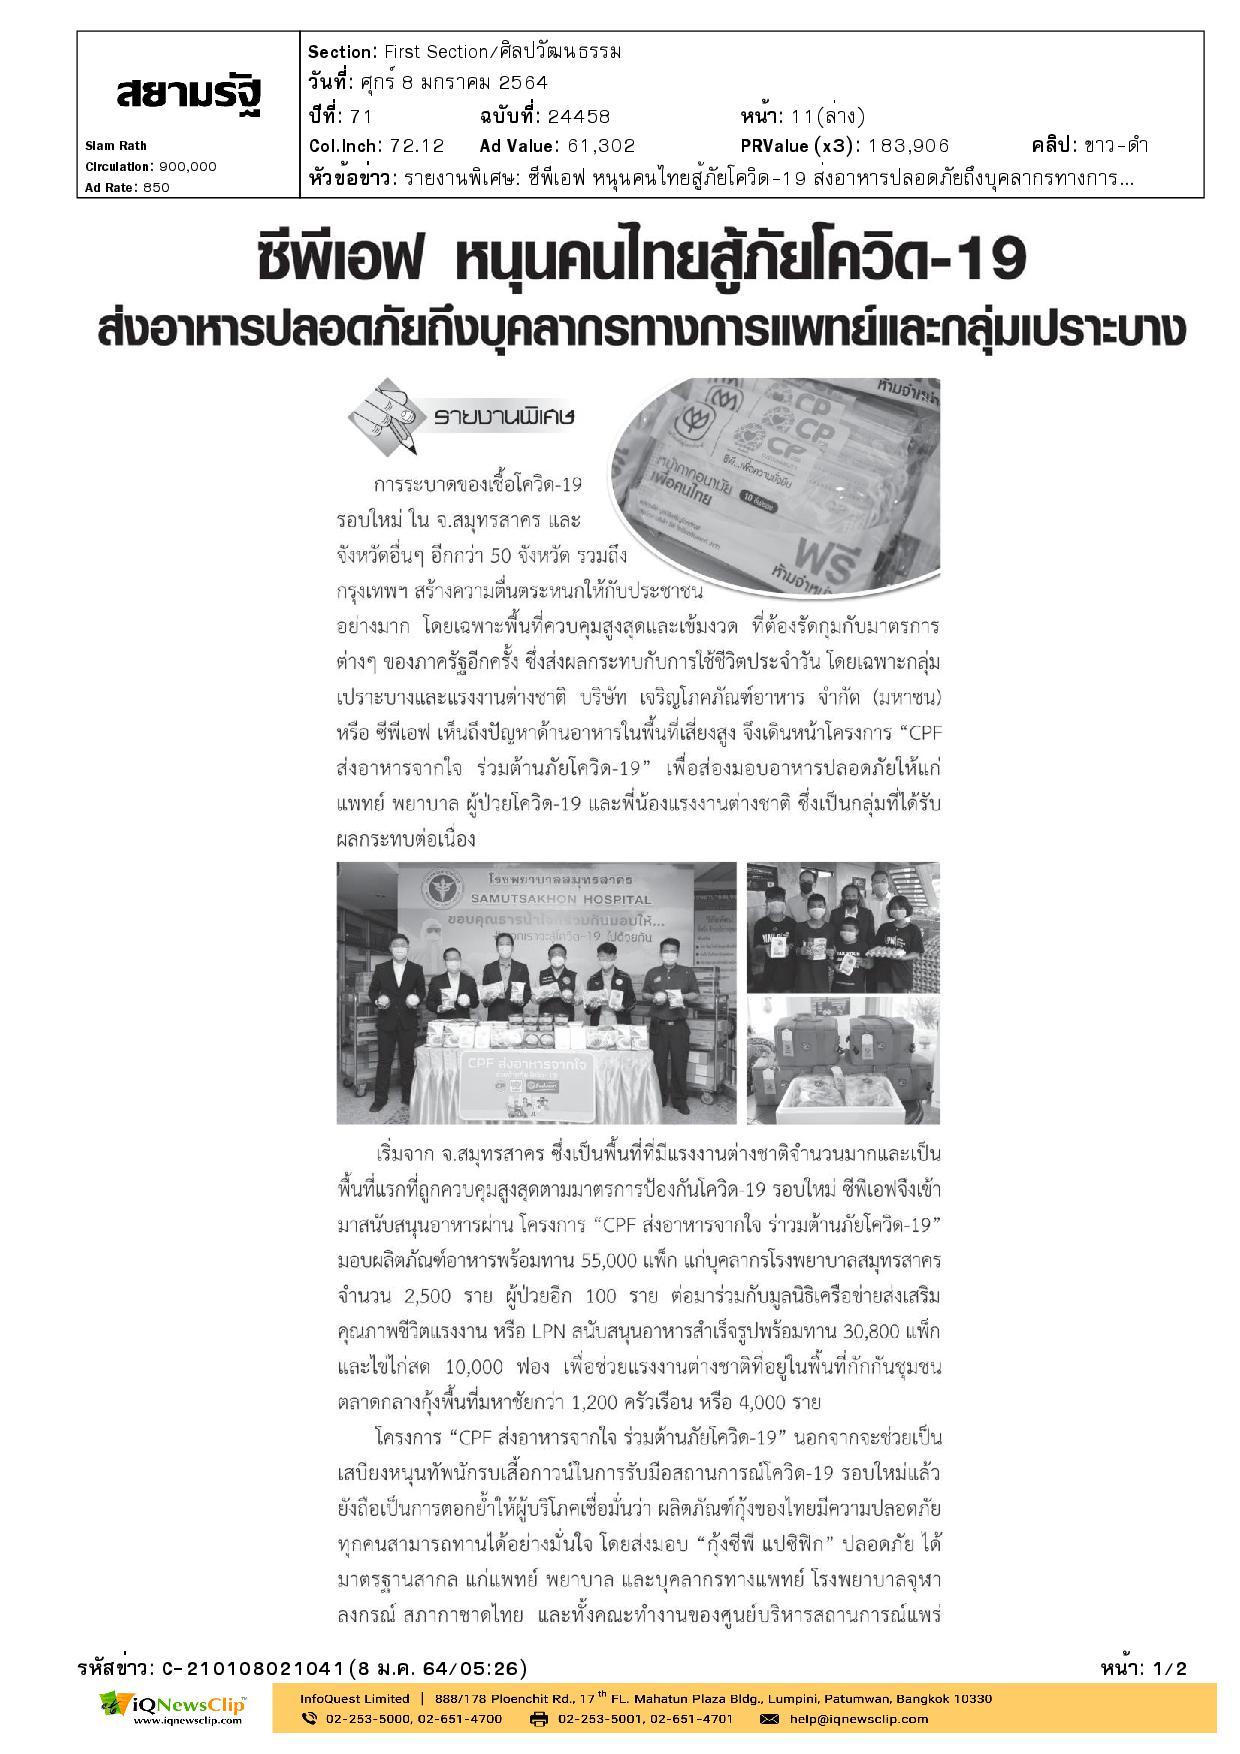 ซีพีเอฟ หนุนคนไทยสูภัยโควิด-19